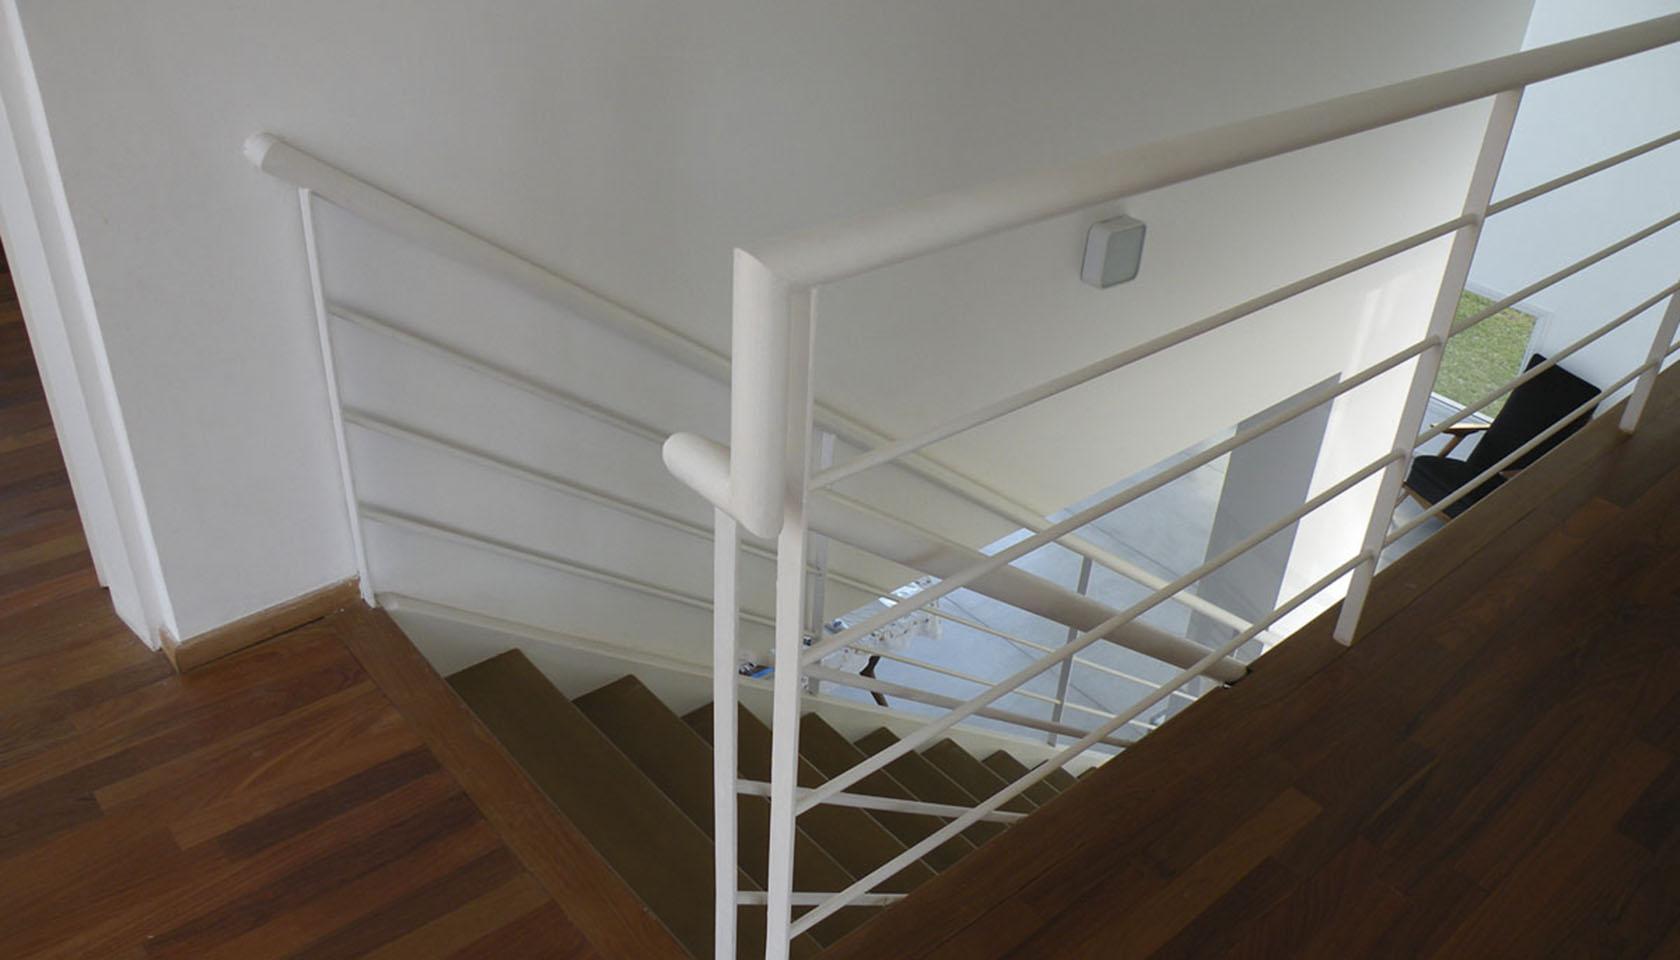 pisos de madera en casas, barandas modernas, interiores cálidos